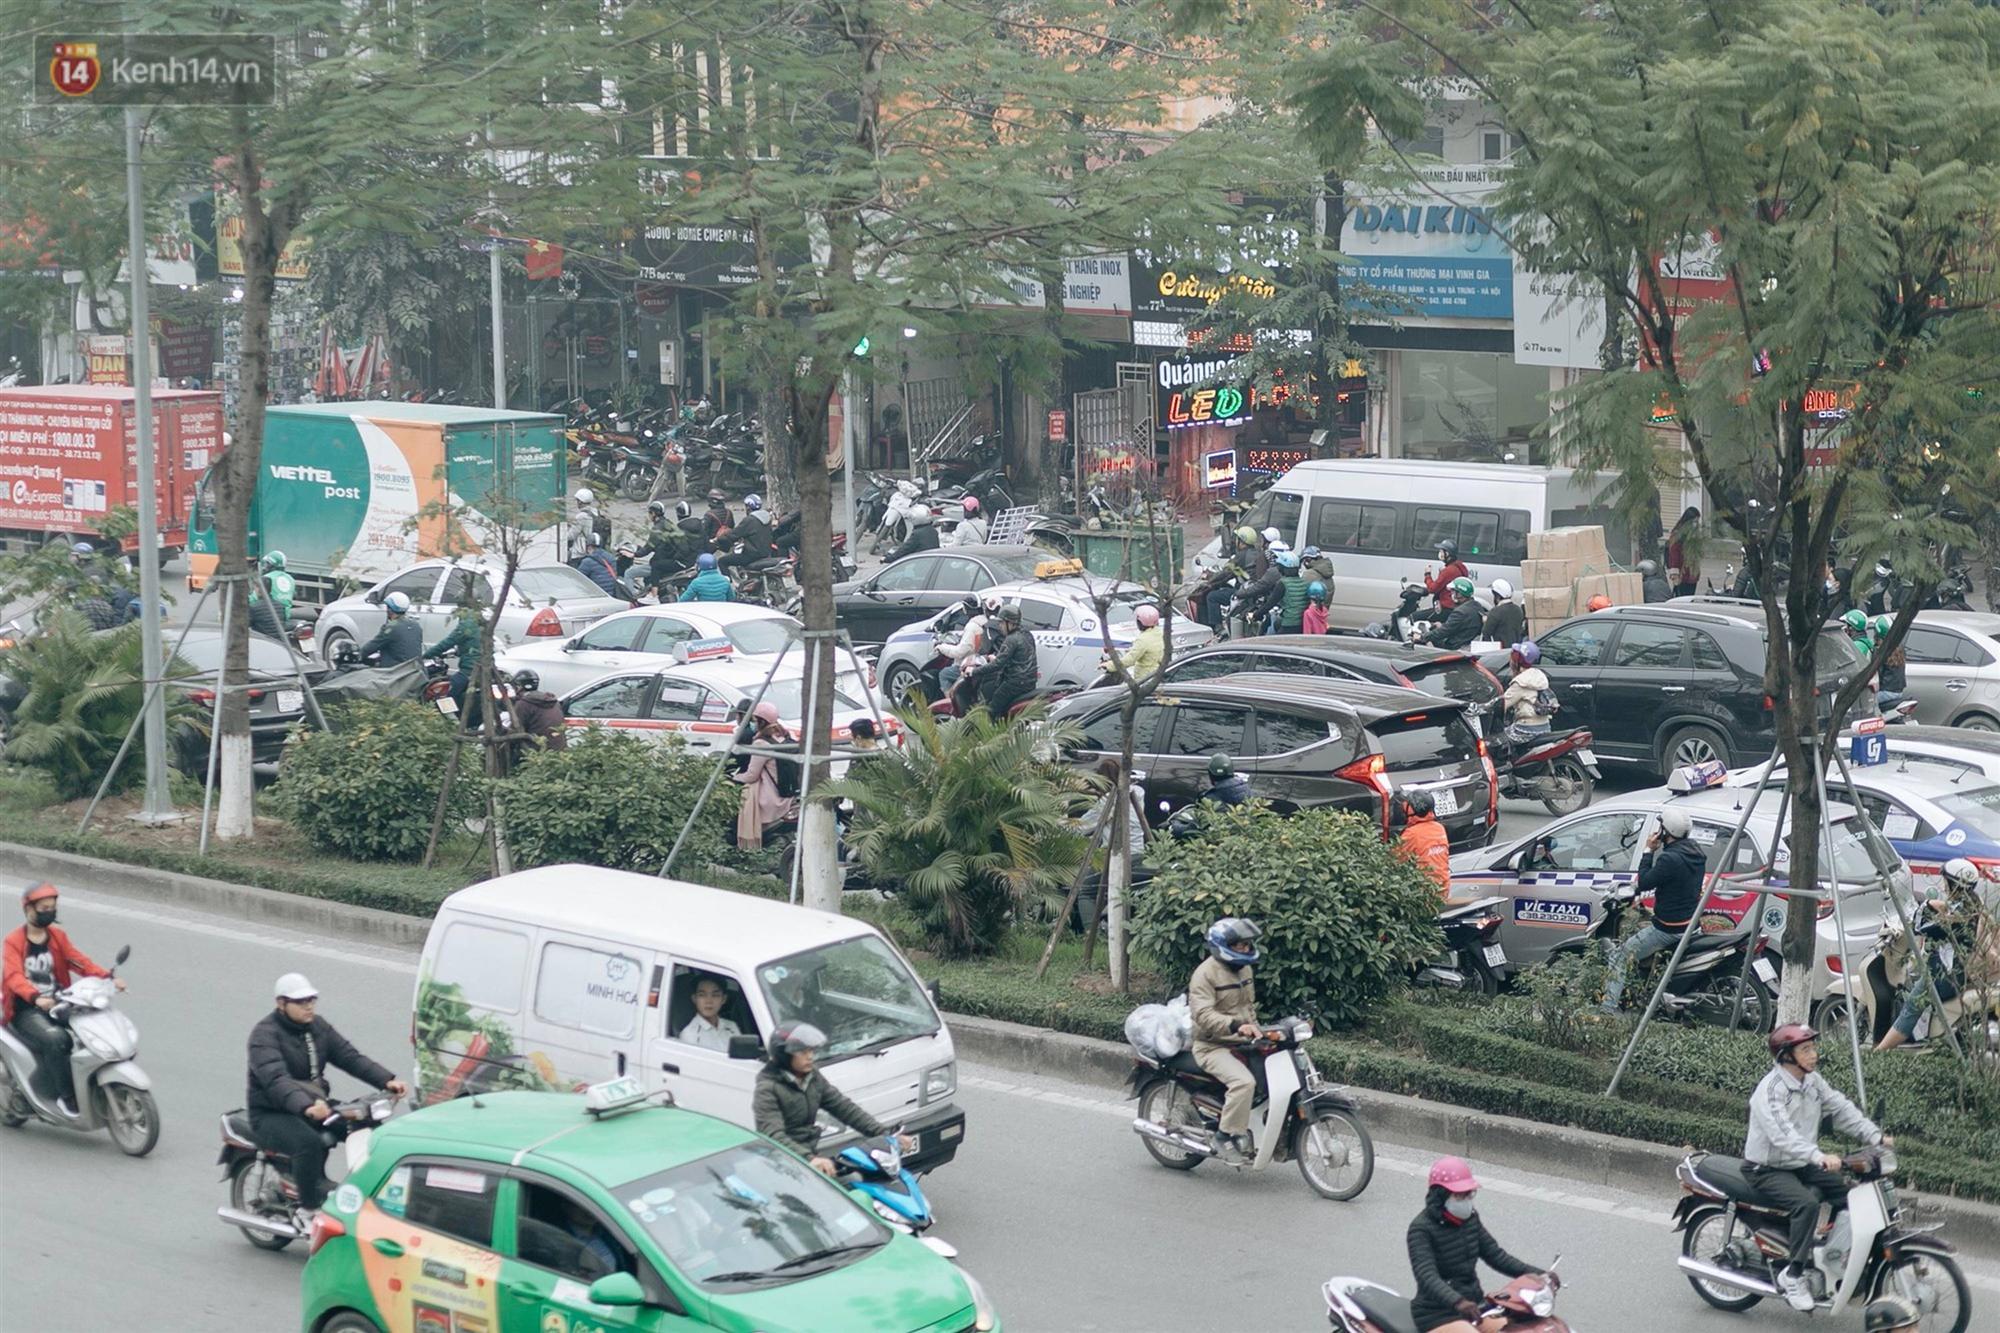 Chùm ảnh: Từ 3h chiều, đường phố Hà Nội ùn tắc không lối thoát ngày giáp Tết-16